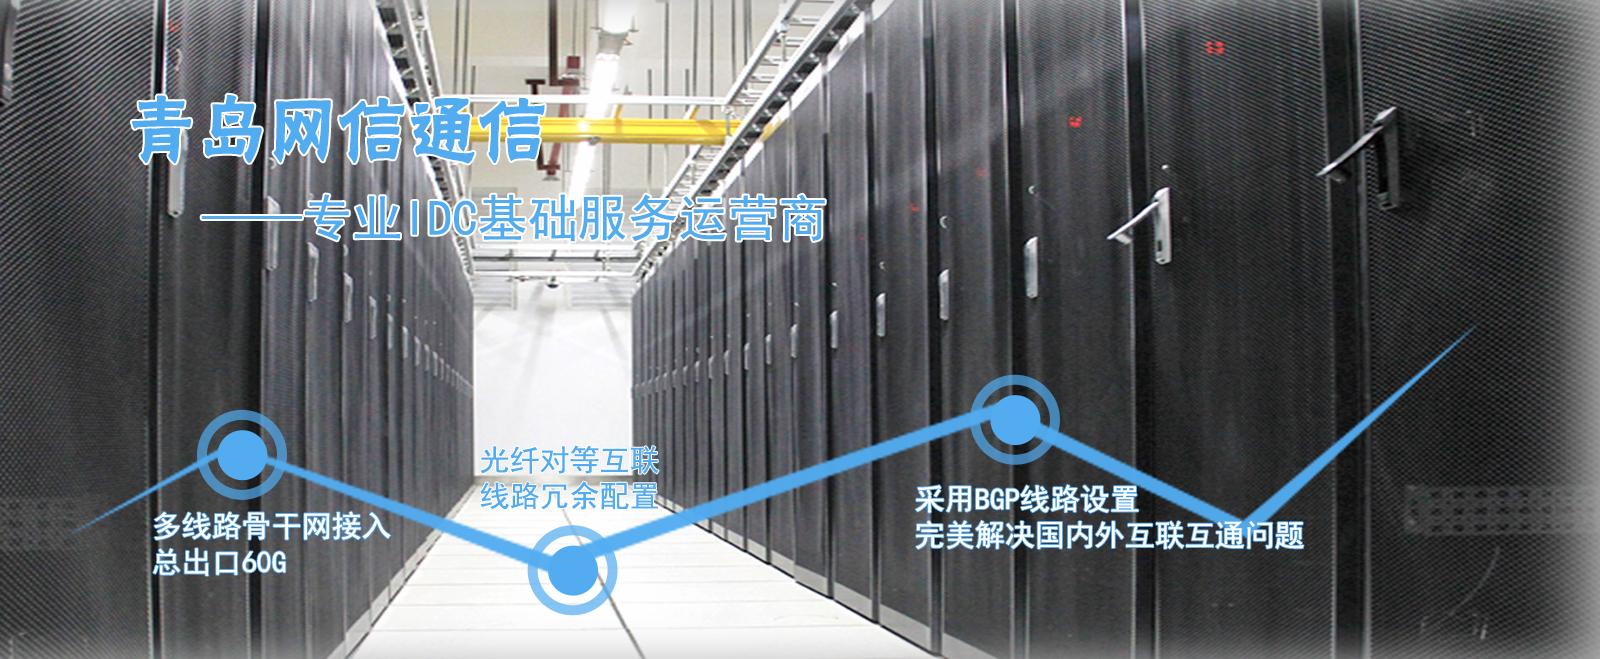 热烈庆祝青岛网信BGP机房上线